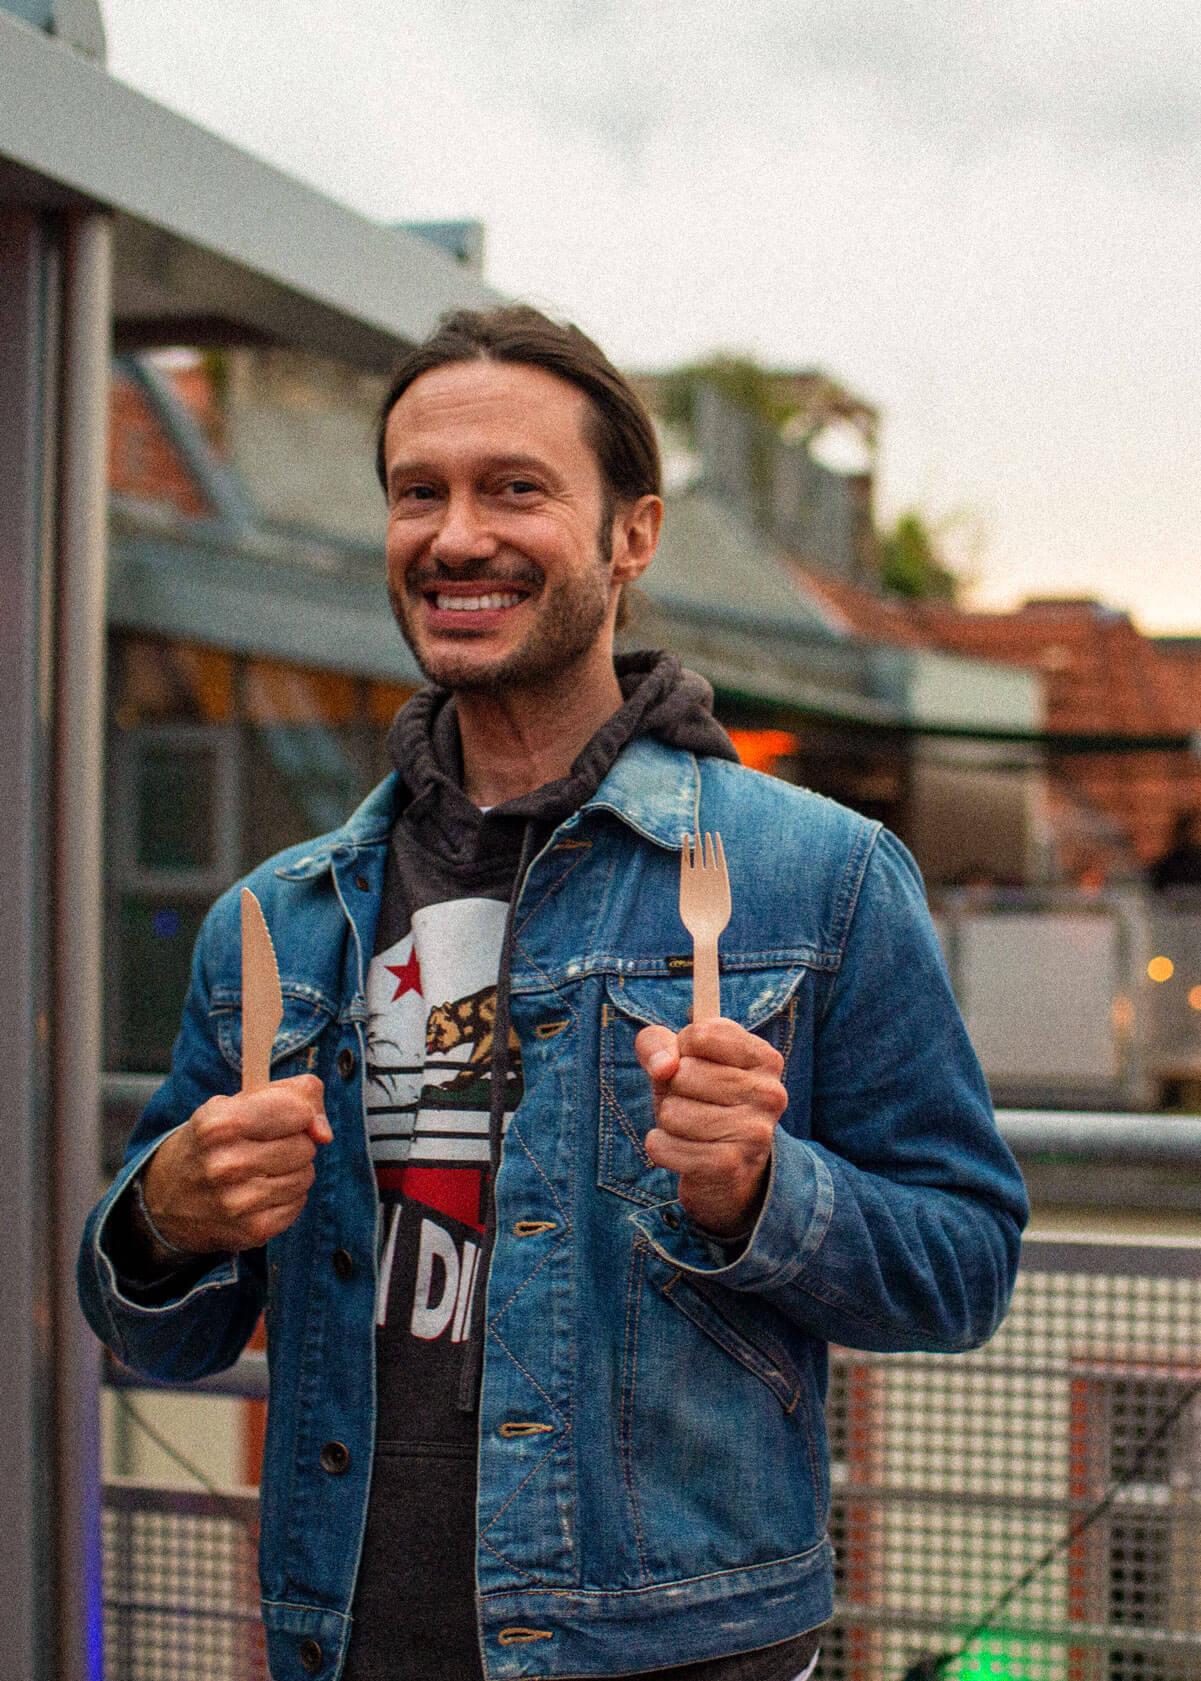 Ein Kollege von Schröder+Schömbs PR freut sich, Holzbesteck in der Hand, auf das Essen bei einer Party.